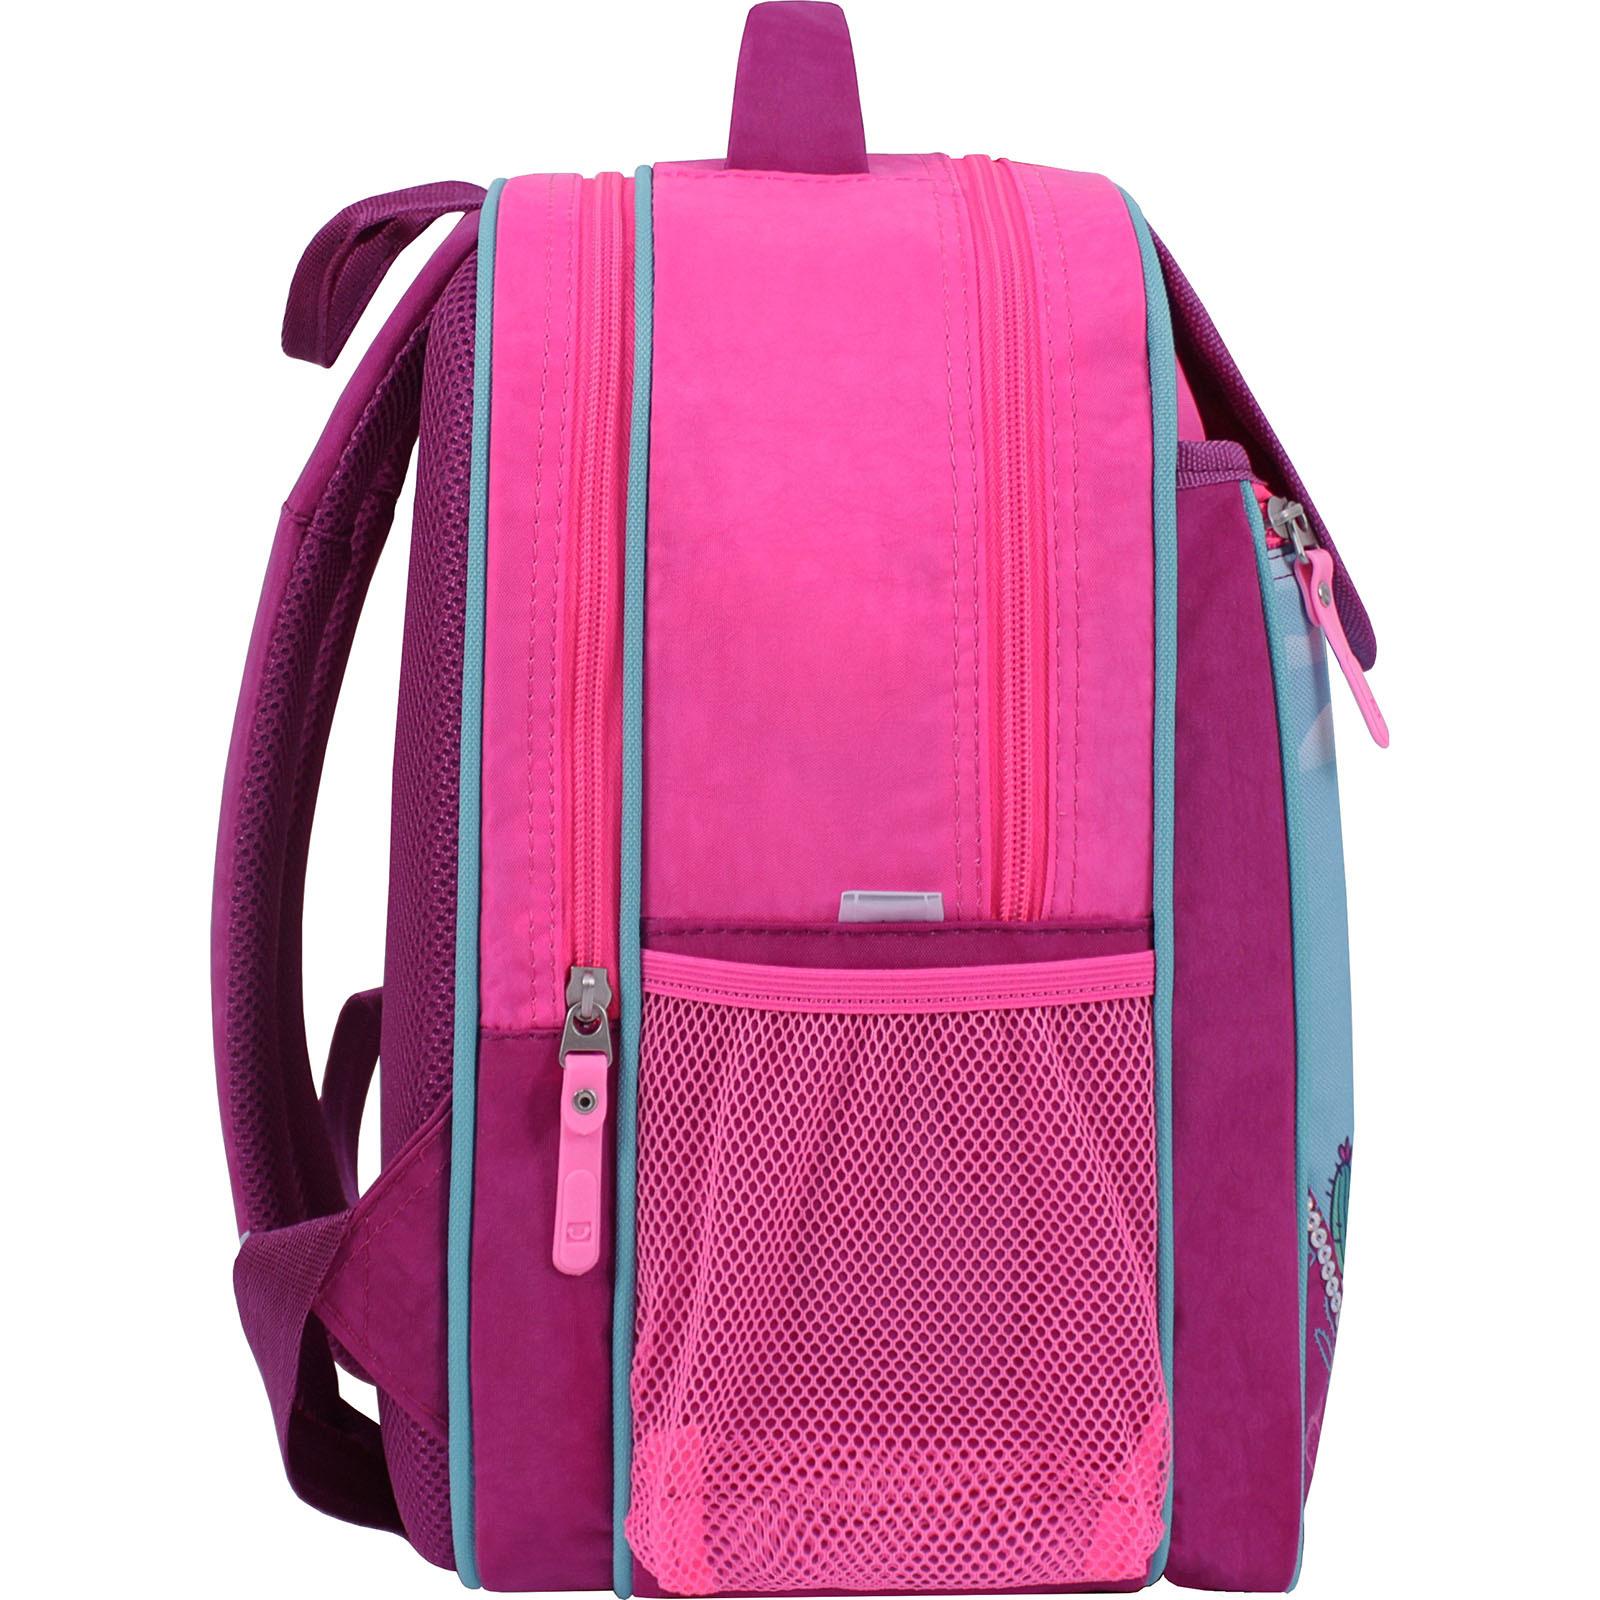 Рюкзак школьный Bagland Отличник 20 л. Малиновый 617 (0058070) фото 2